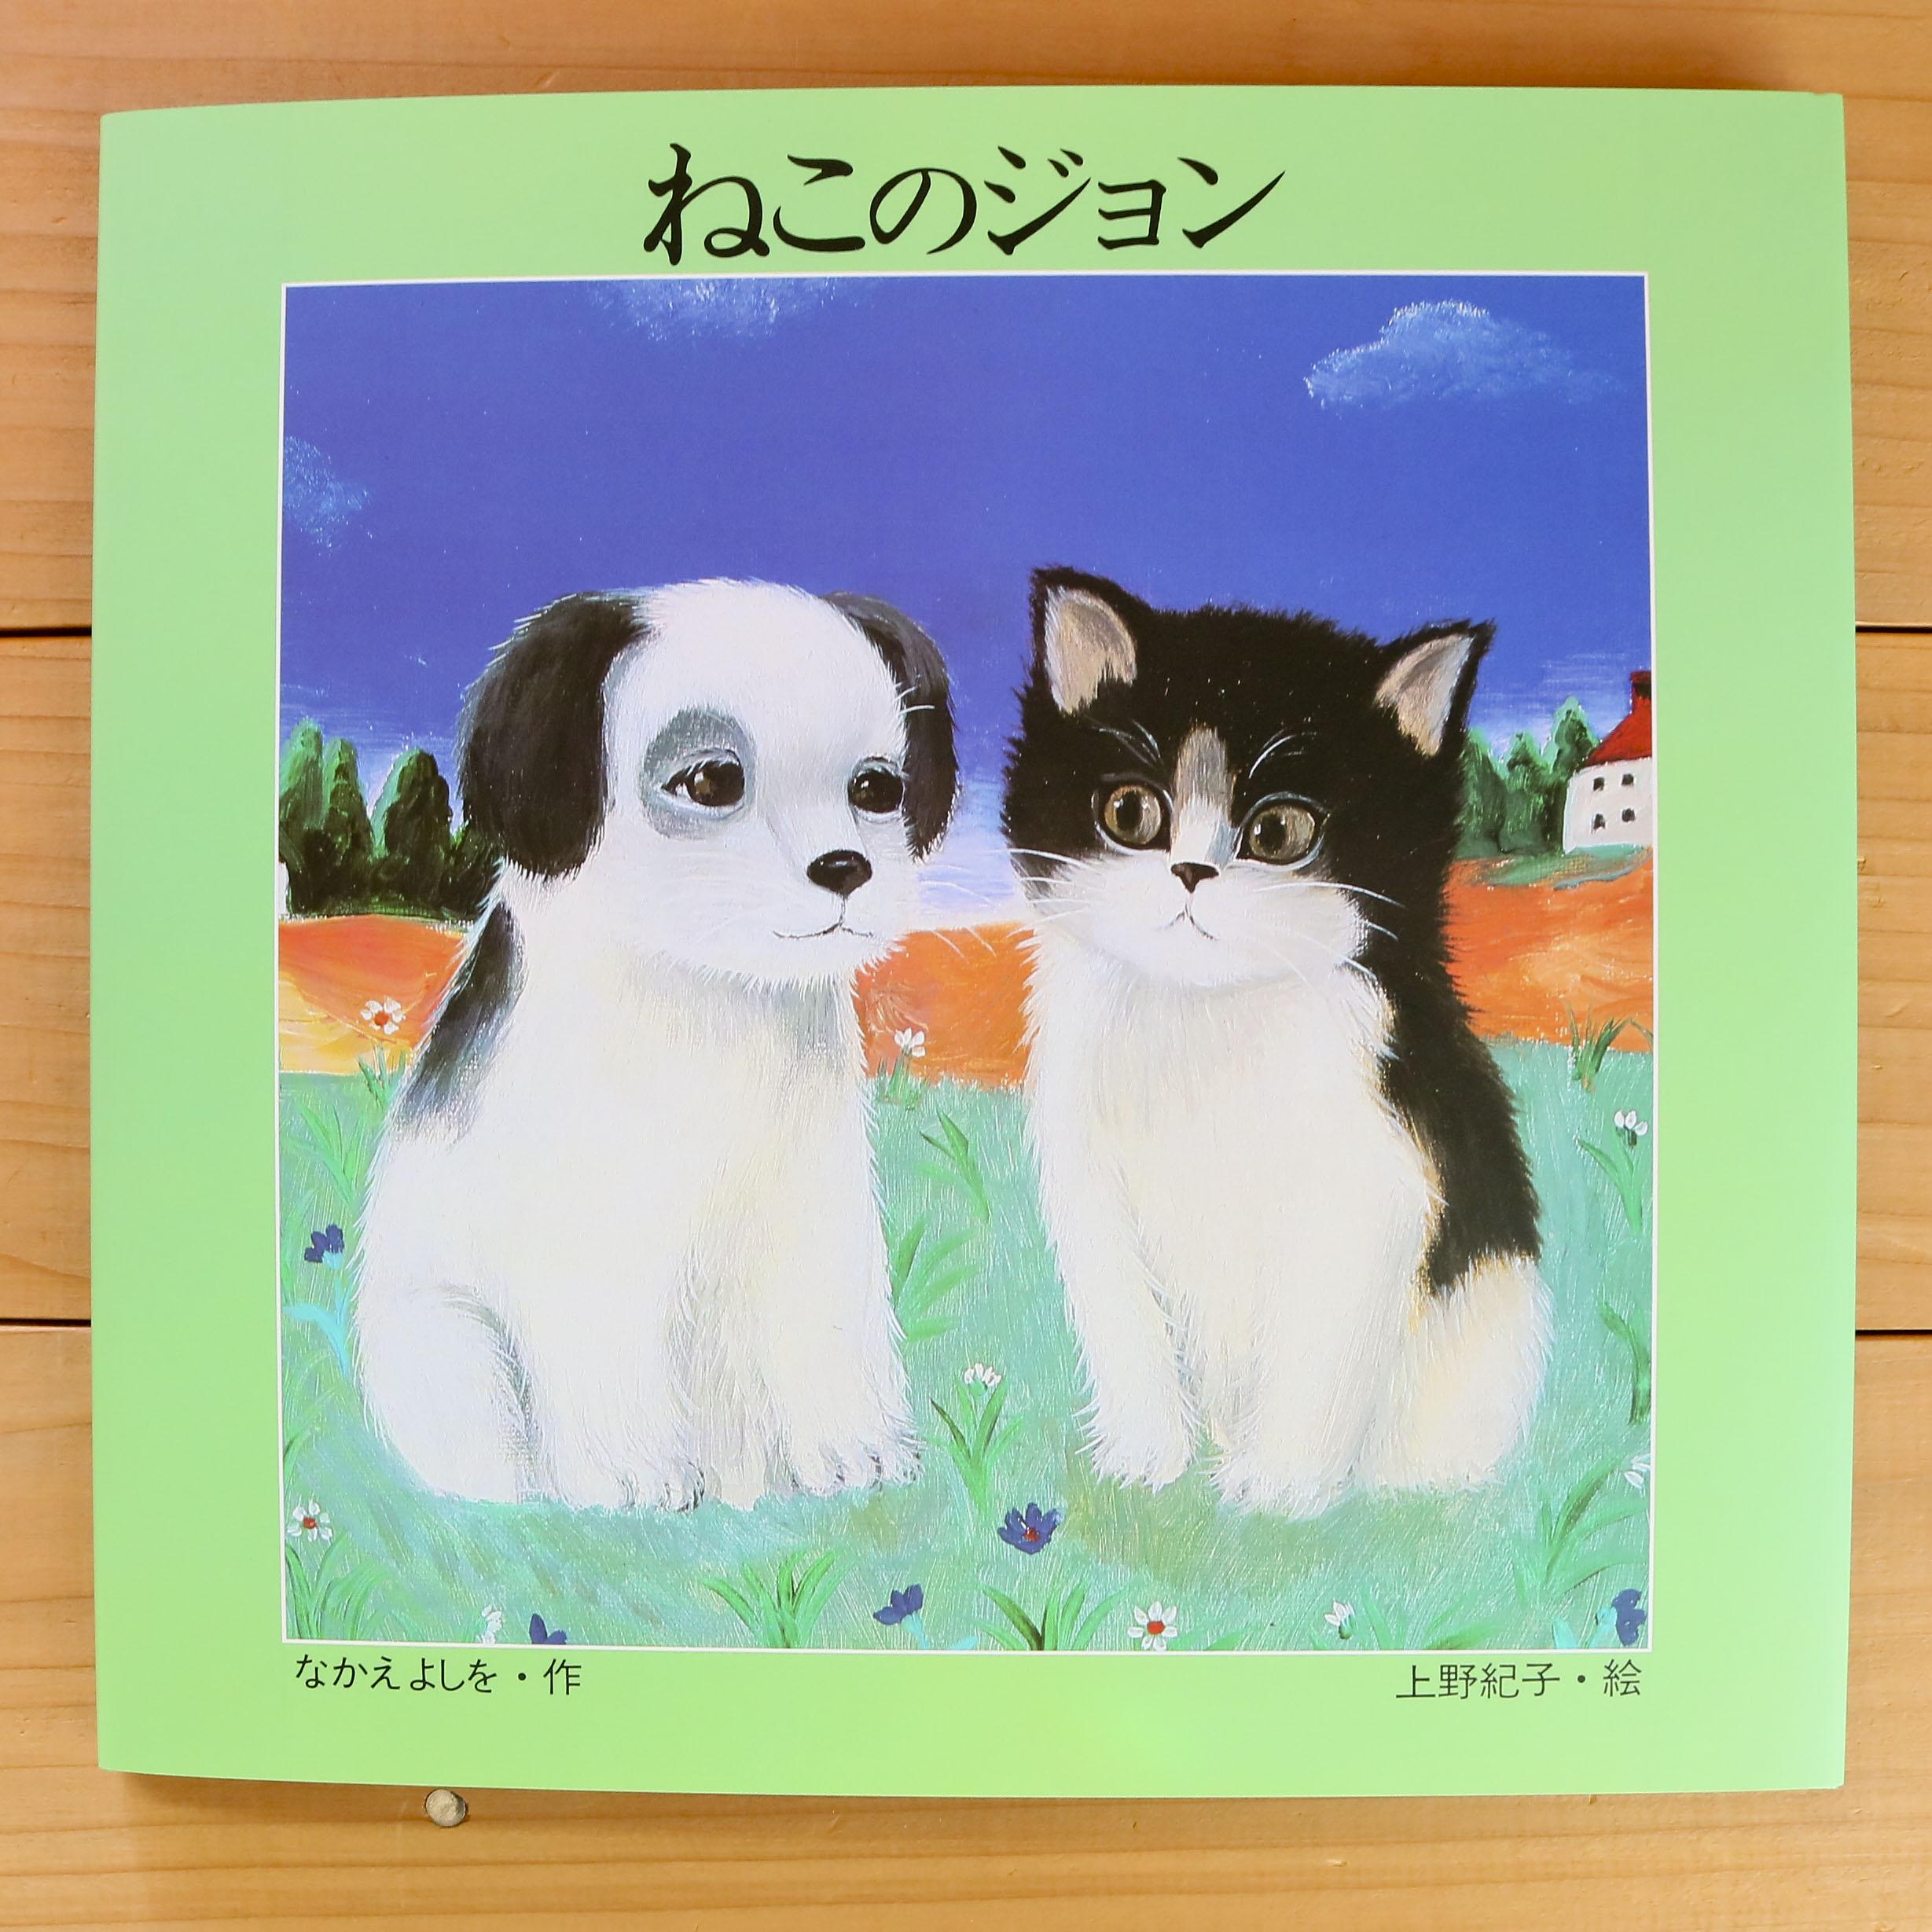 秋田 かぎしっぽ 猫絵本 絵本 ねこのジョン なかえよしを